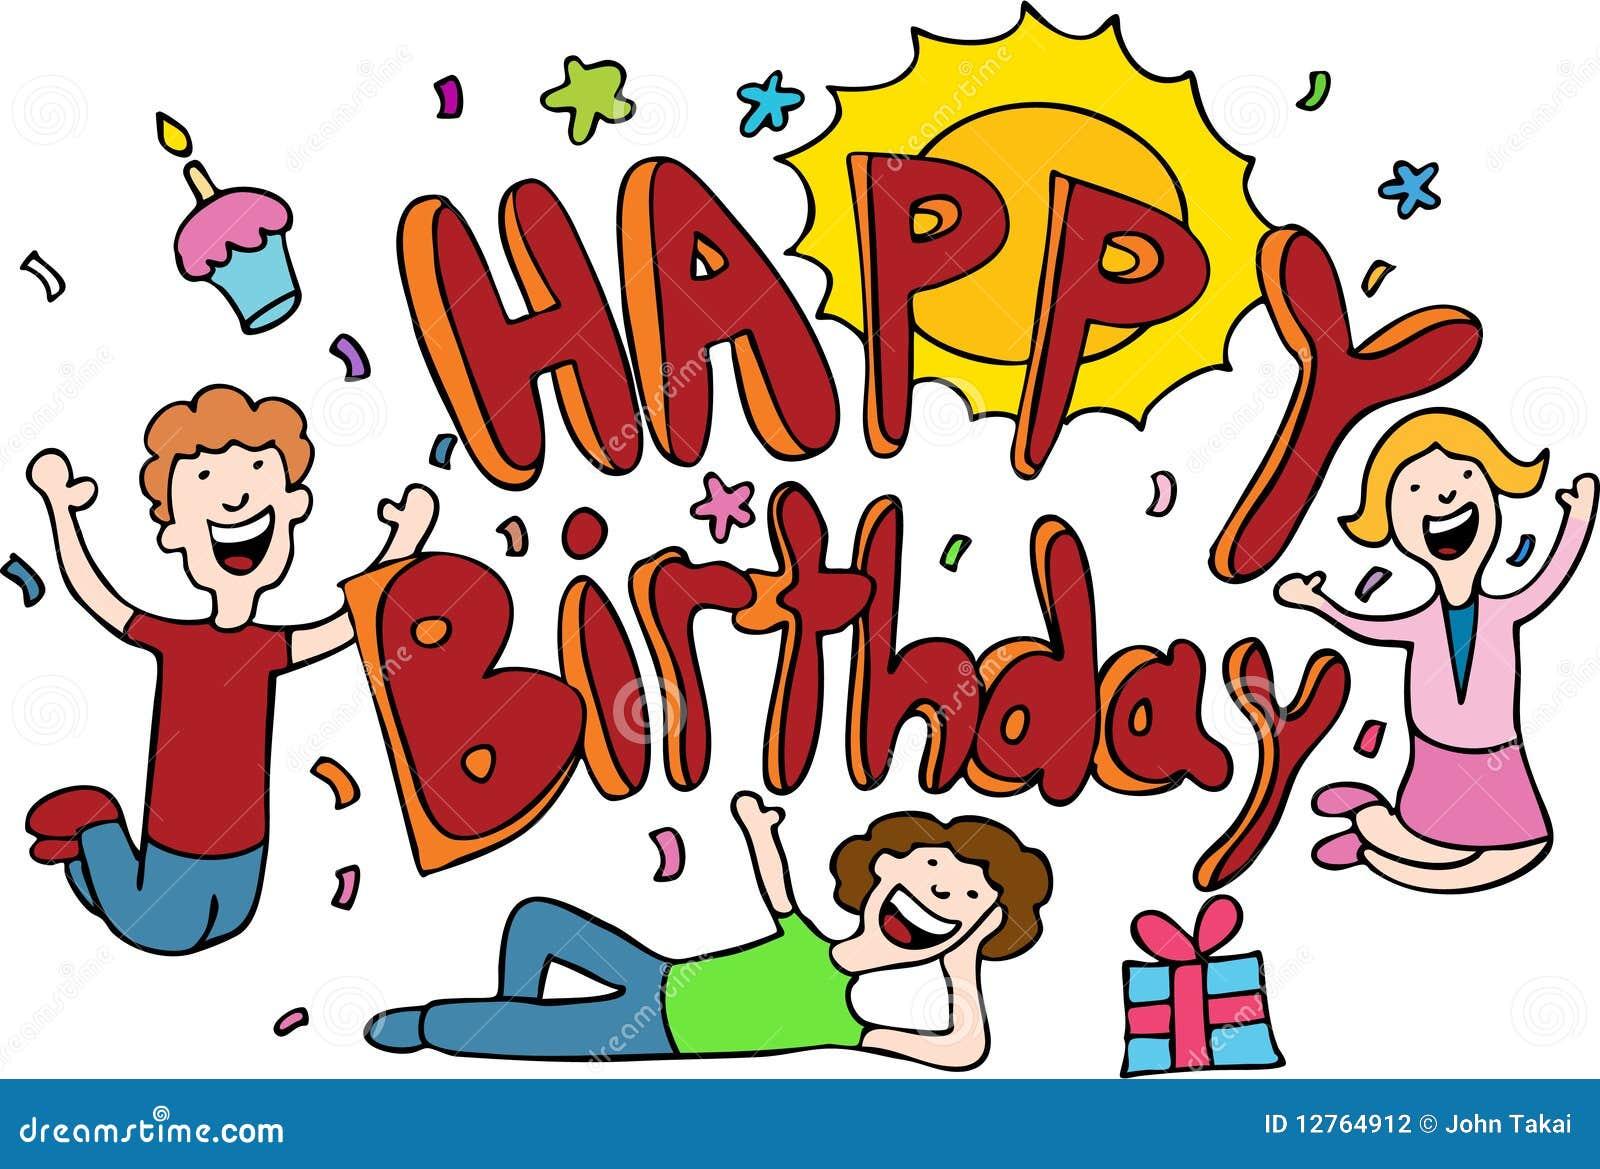 Happy Birthday Cartoon